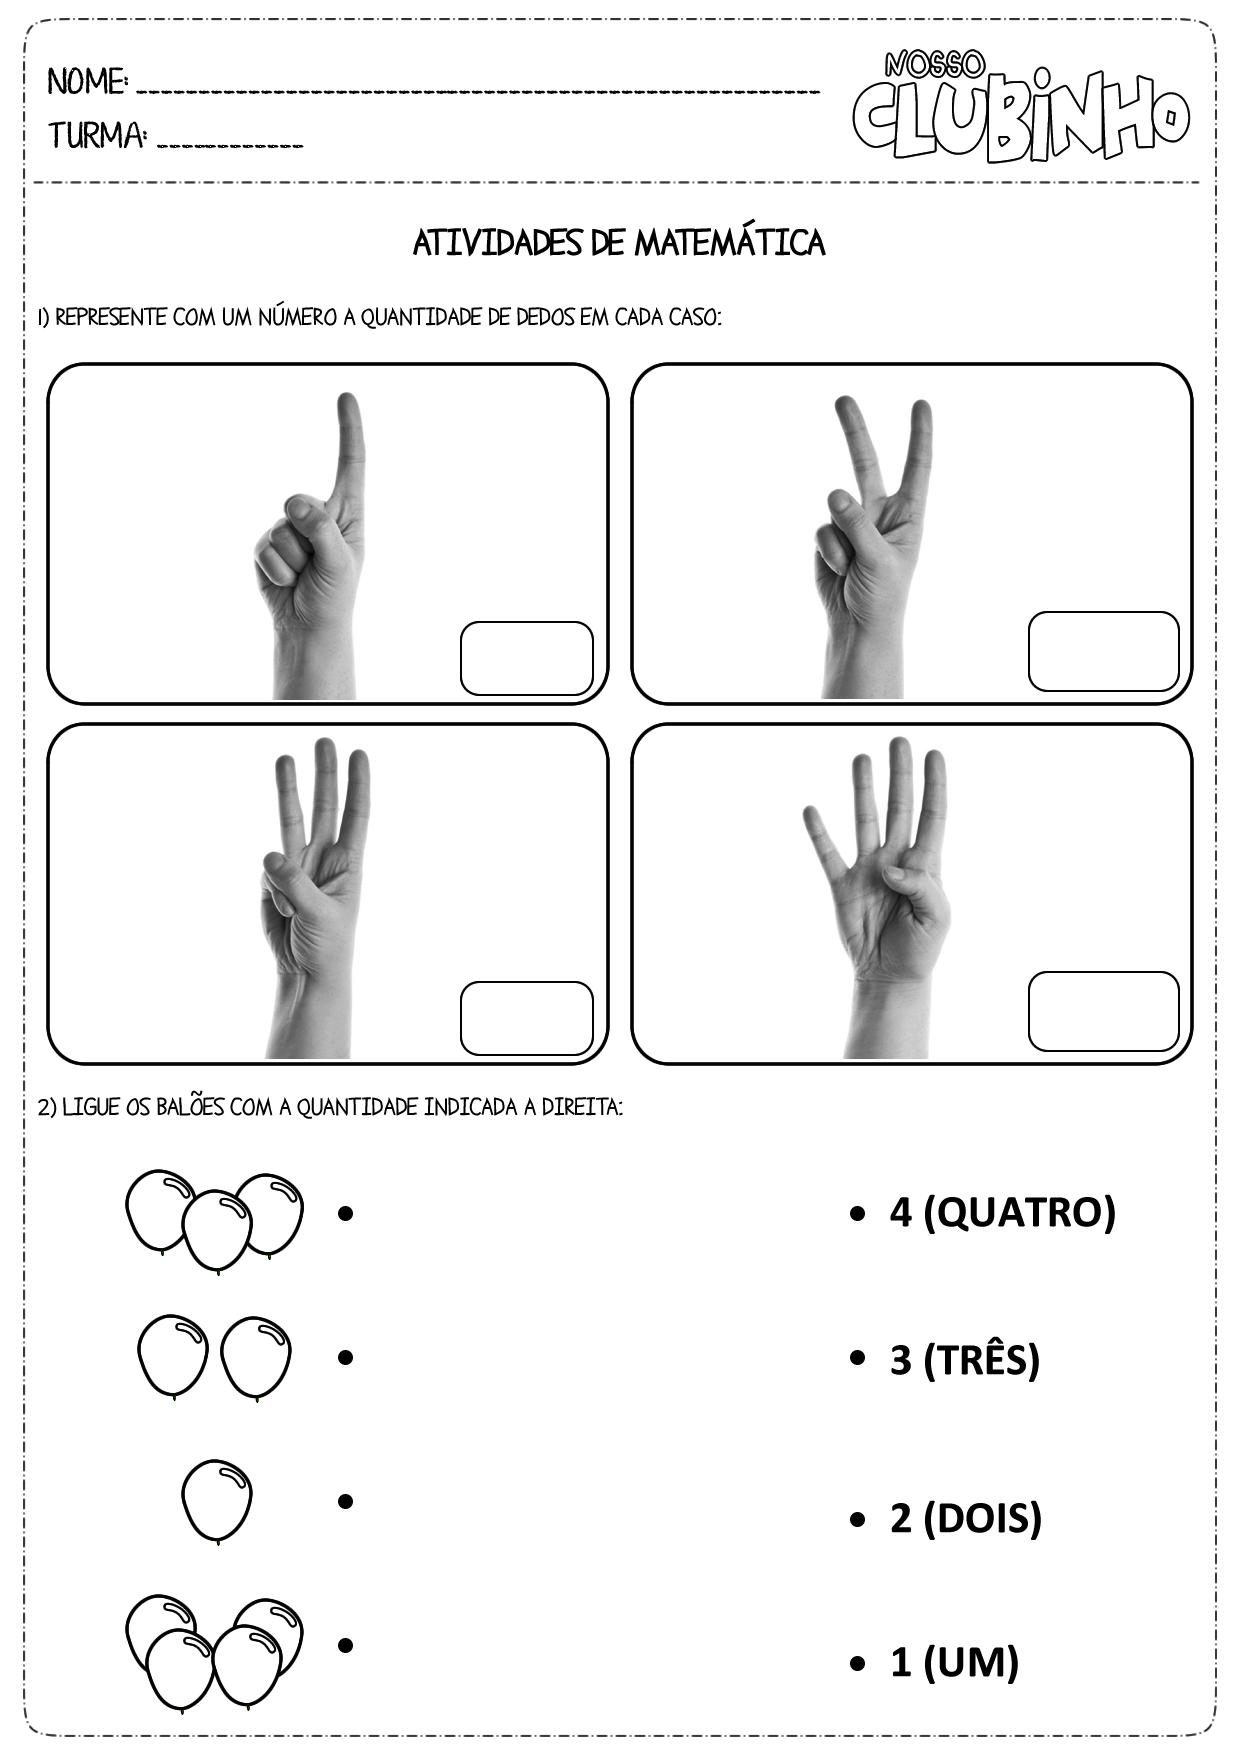 Fabuloso Atividades de matemática: Números e Quantidades - Nosso Clubinho AV83